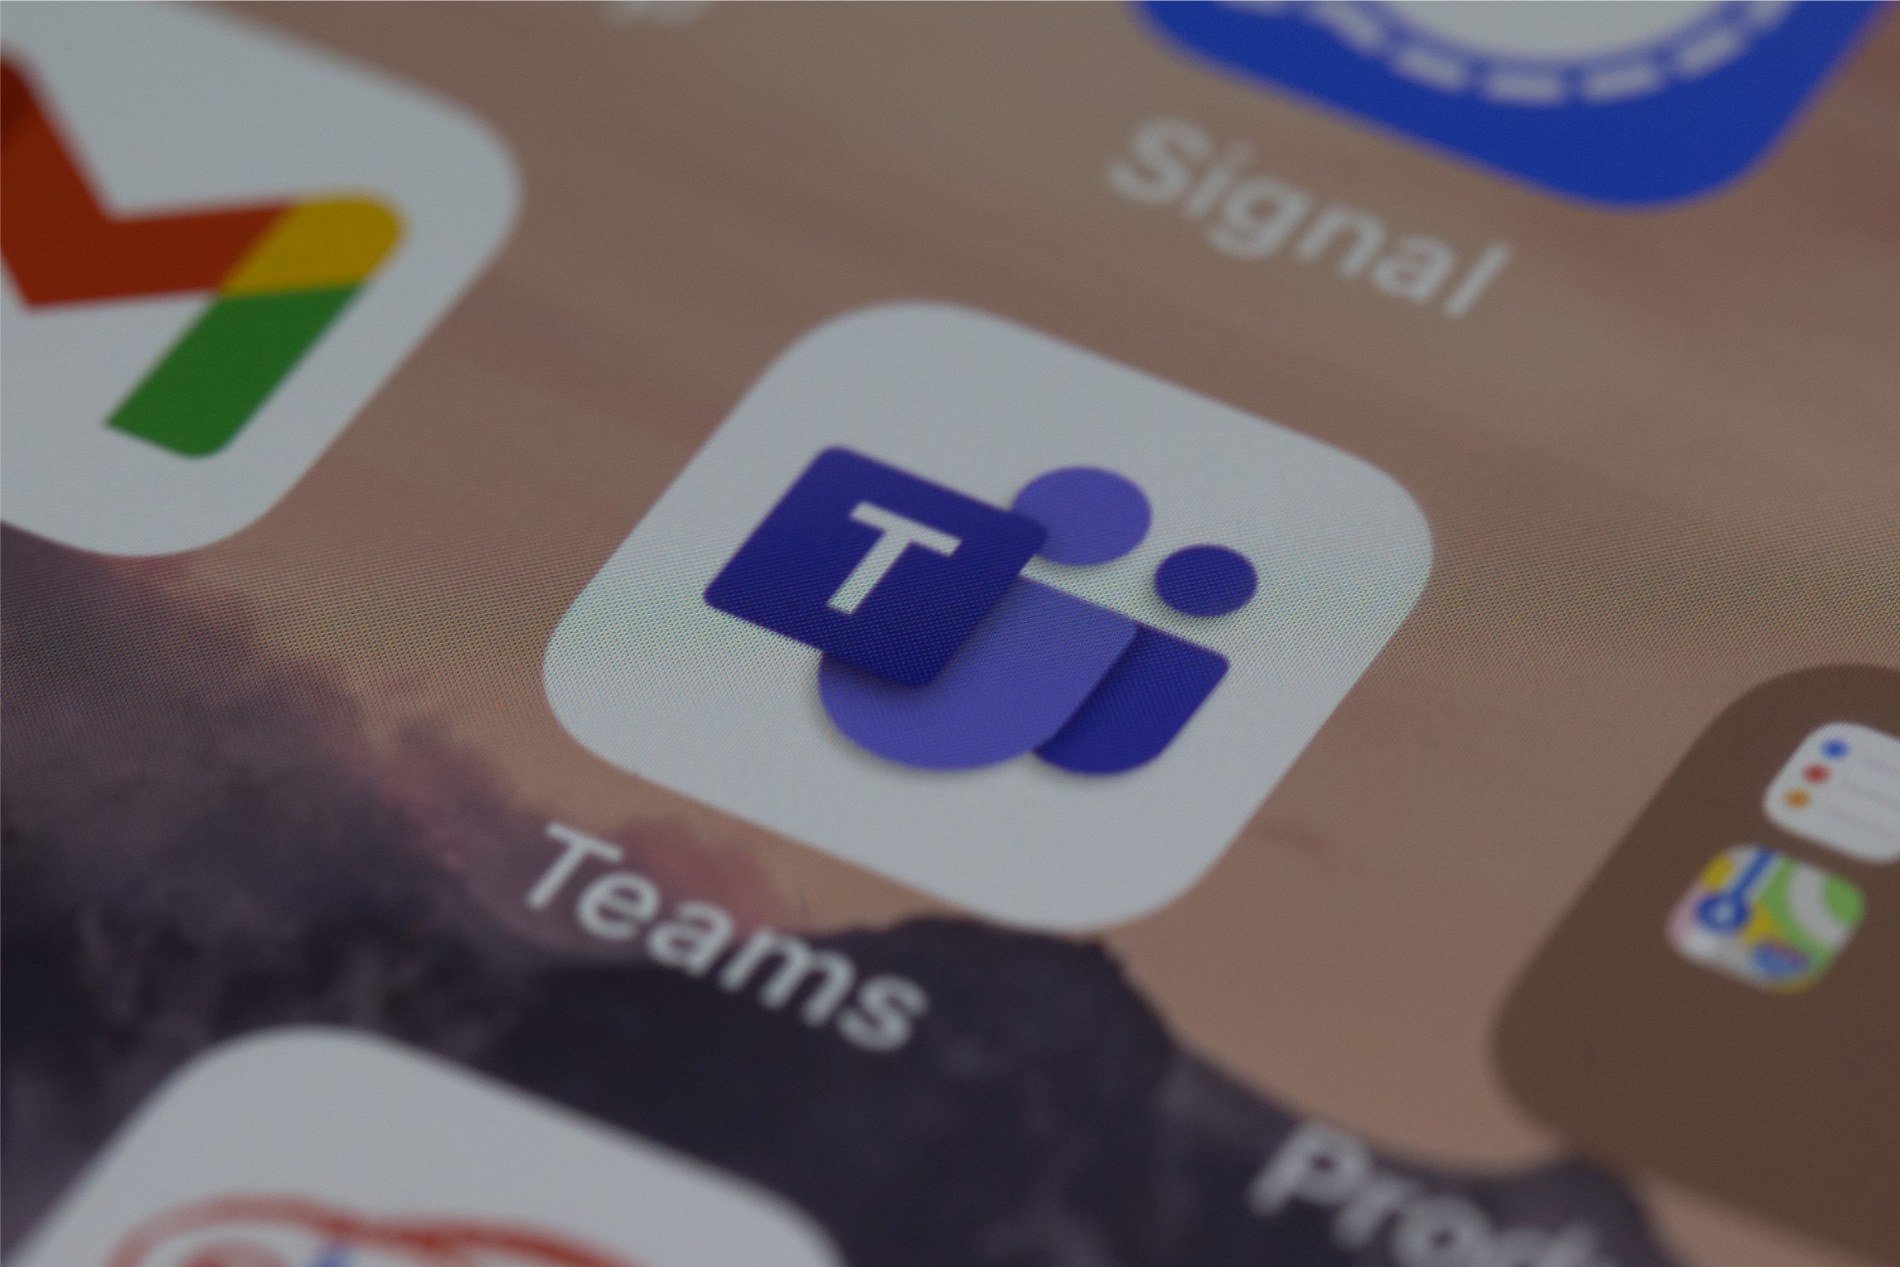 Microsoft 365 Teams icon